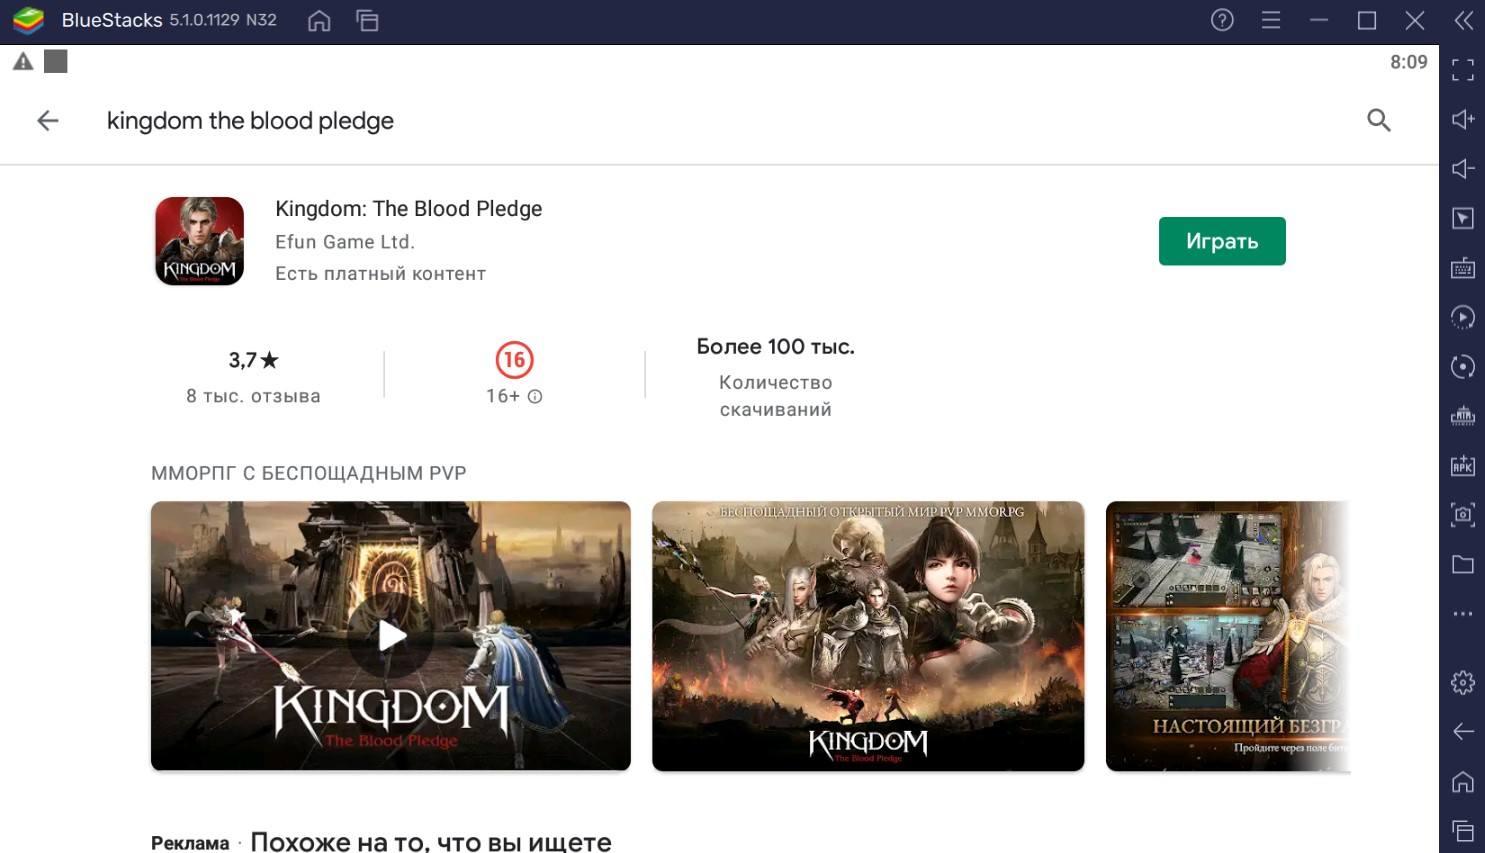 Как скачать и играть в Kingdom: The Blood Pledge на ПК с помощью BlueStacks?